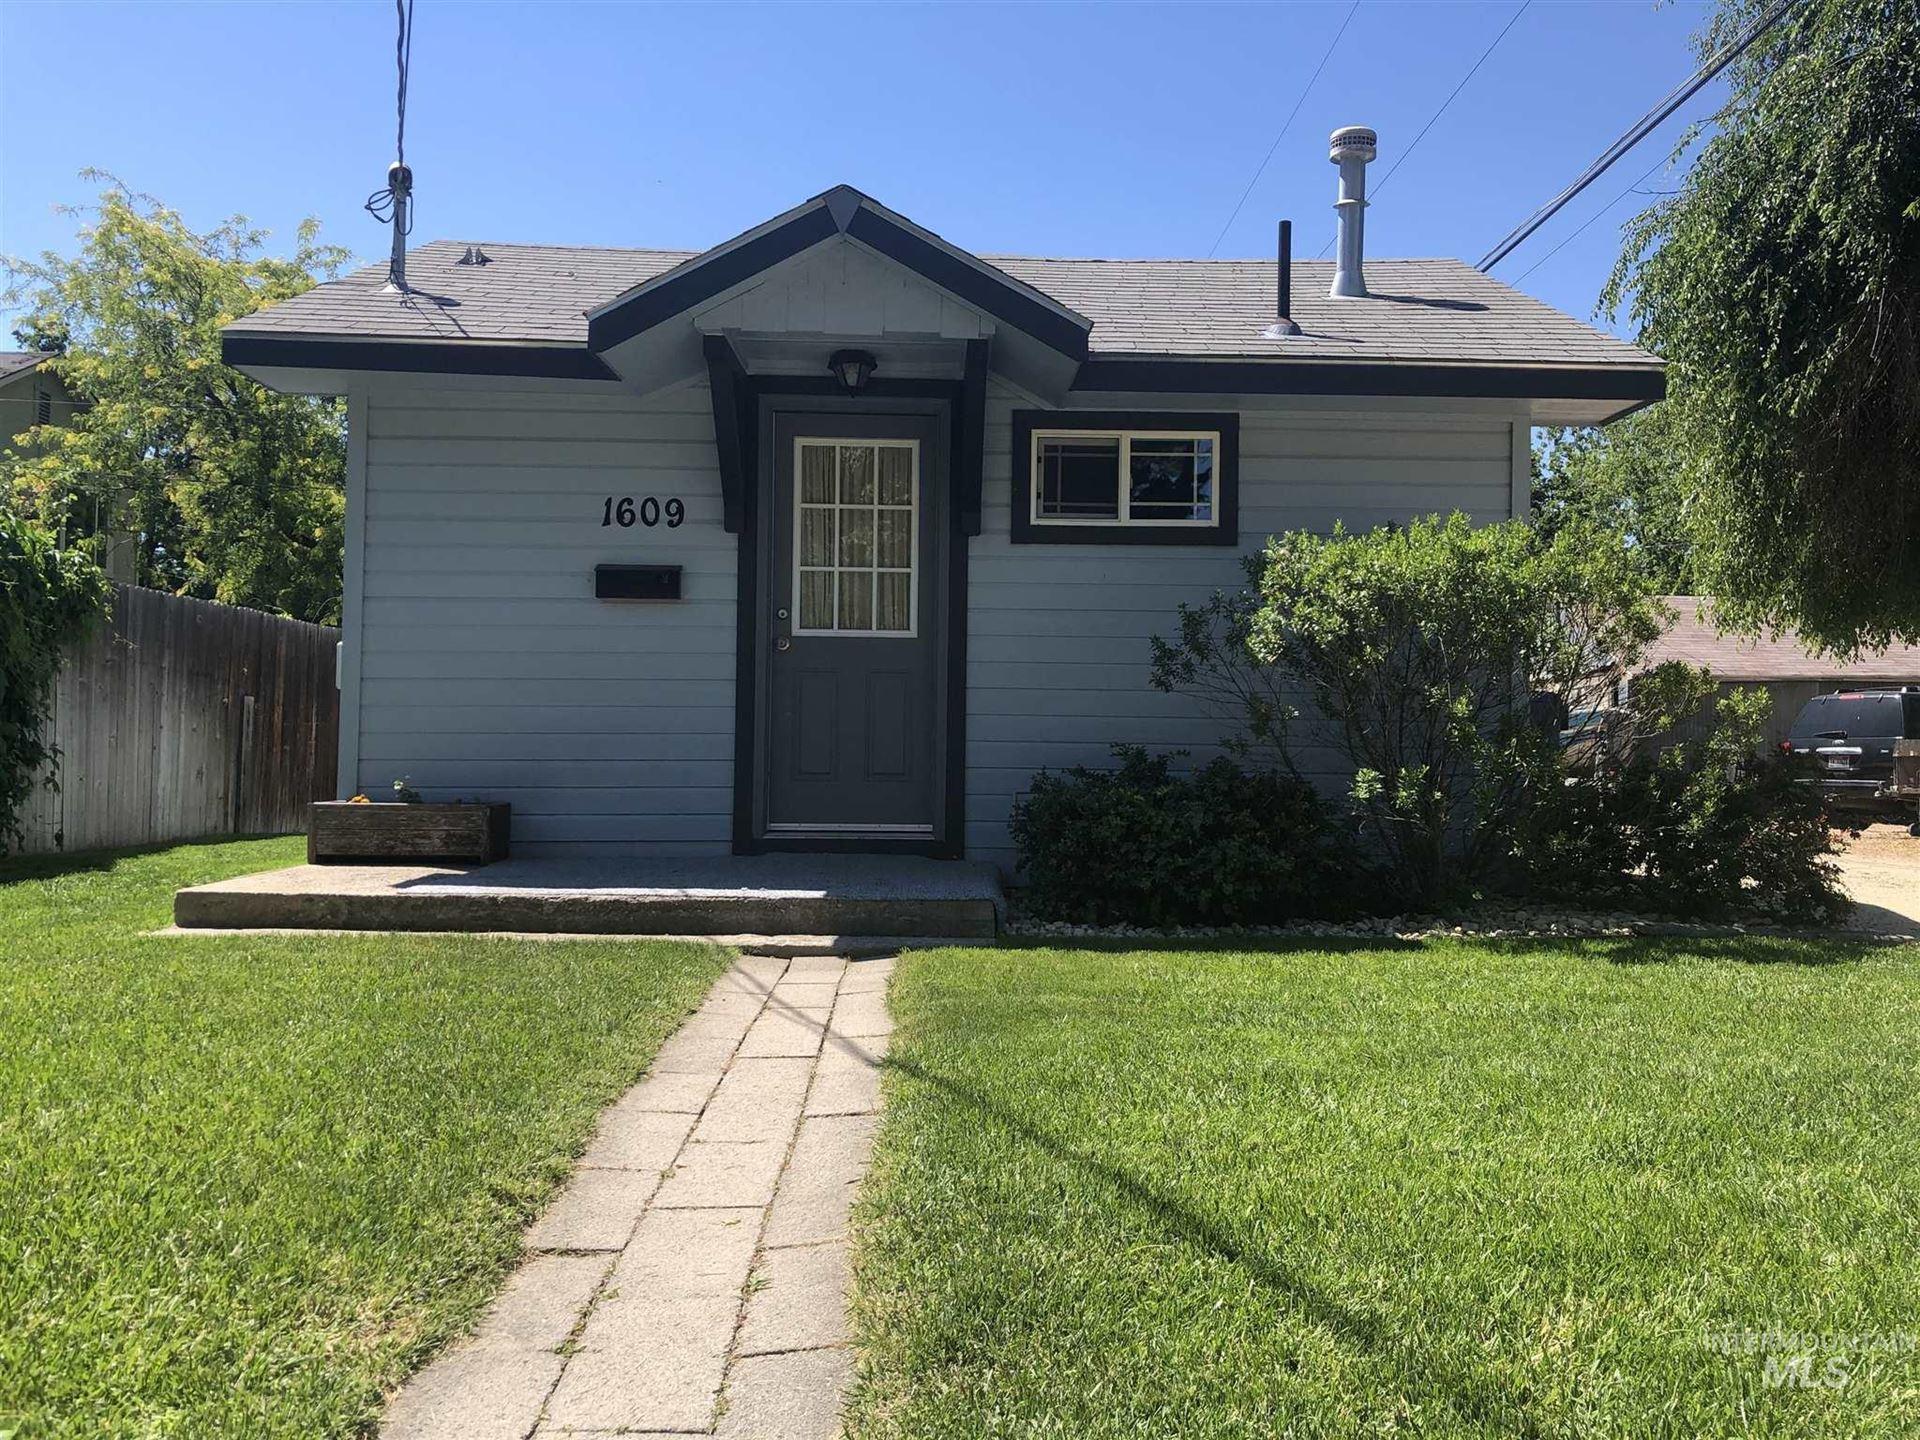 1609 W Warren, Boise, ID 83706 - MLS#: 98820469